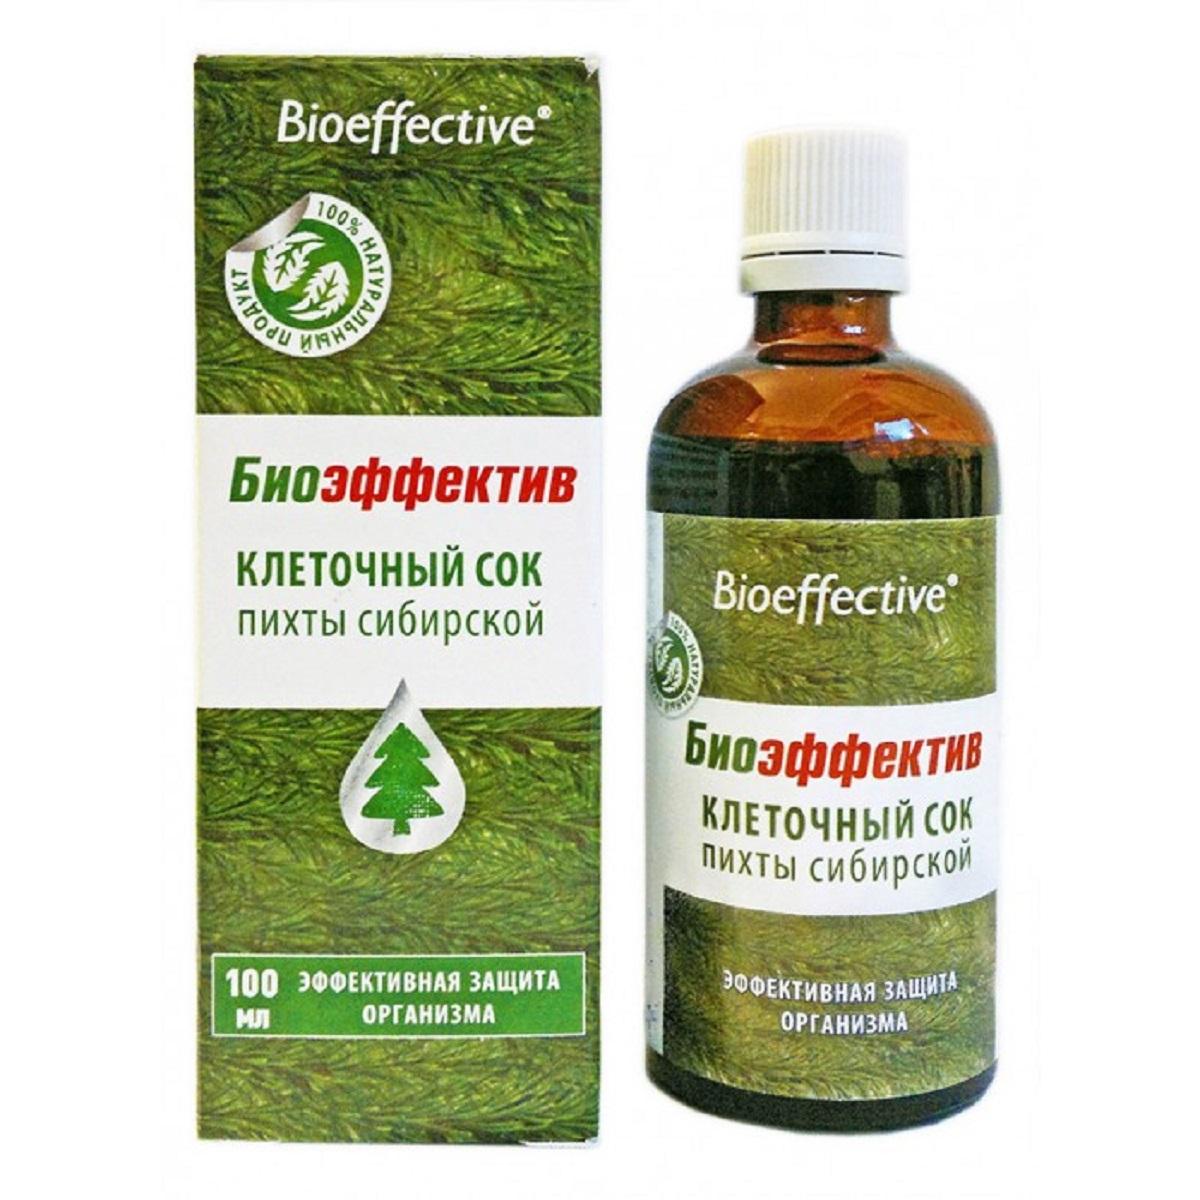 Биэффектив клеточный сок пихты сибирской, 100 мл2587Клеточный сок пихты - помощь иммунитету в зимний и весенний период, а также во время повышенных нагрузок. Упаковки хватит на месяц, достаточно 20 капель в день, очень экономно. Производится из свежезаготовленной хвои путем углекислотной экстрактации. То есть никаких повышенных температур, органических растворителей и консервантов - вся сила тайги добыта и сохранена в первозданном виде. Сок пихты БиоЭффектив уникален по своим свойствам. Он способен поднять тонус всего вашего организма. В состав сока входит витамин С, каротин, мальтол, многочисленные макро- и микроэлементы. Мальтол - сильнейший природный антиоксидант, он не дает свободным радикалам разрушать клетки организма и улучшает всасываемость и усвоение железа. Продукт не содержит консервантов, стабилизаторов, сахара, спирта, воды из внешних источников – это абсолютно натуральный, экологически чистый продукт, который отлично подходит детям и лицам пожилого возраста для оздоровления и укрепления организма.